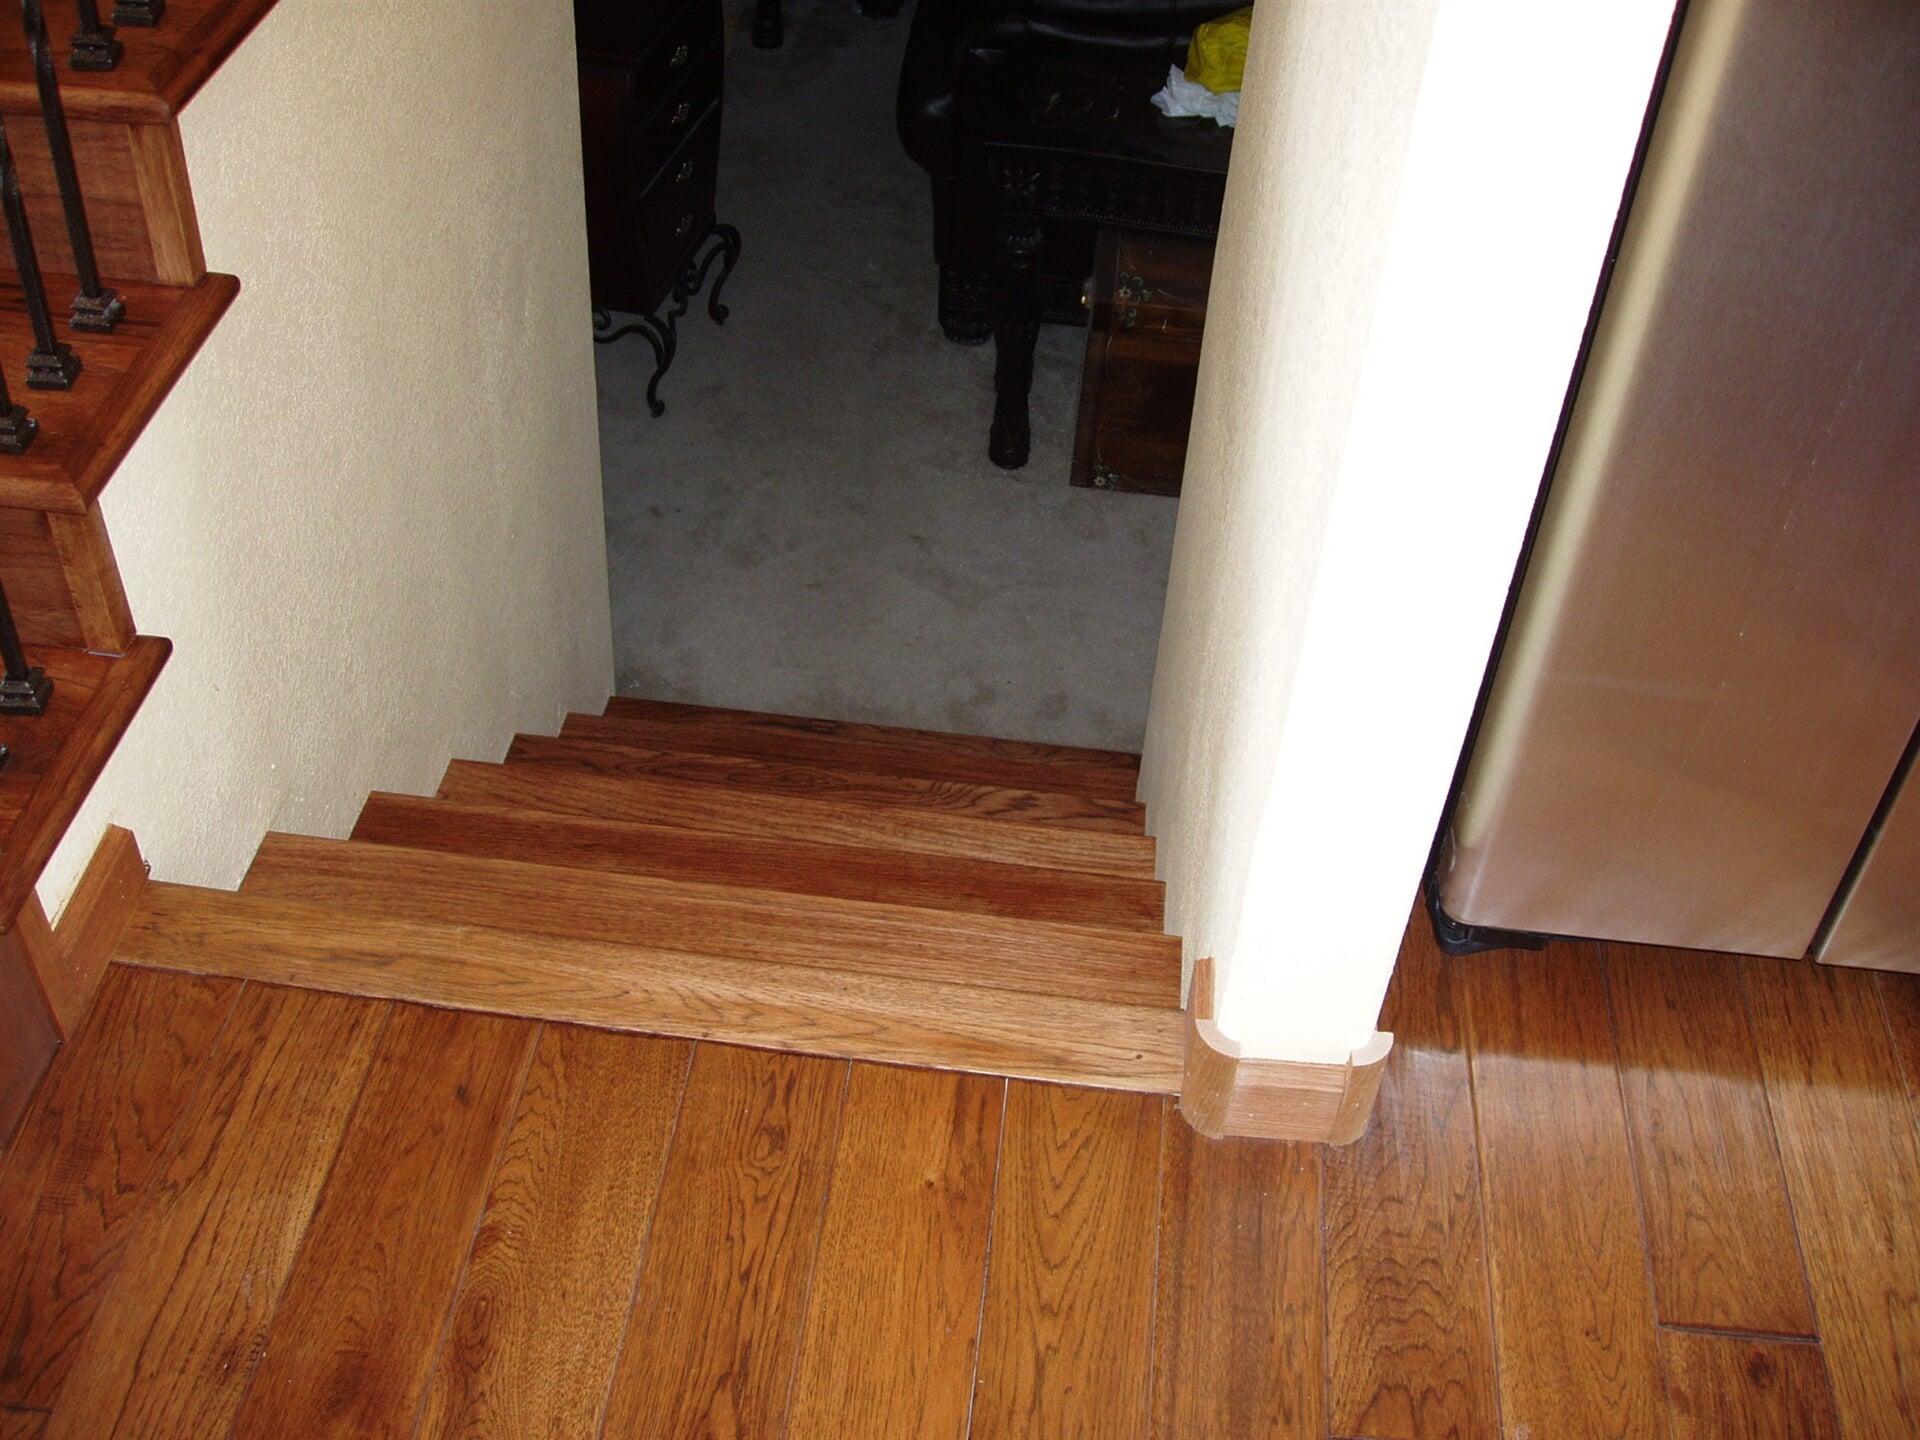 Hardwood flooring at Schmidt Custom Floors in Fort Collins, CO